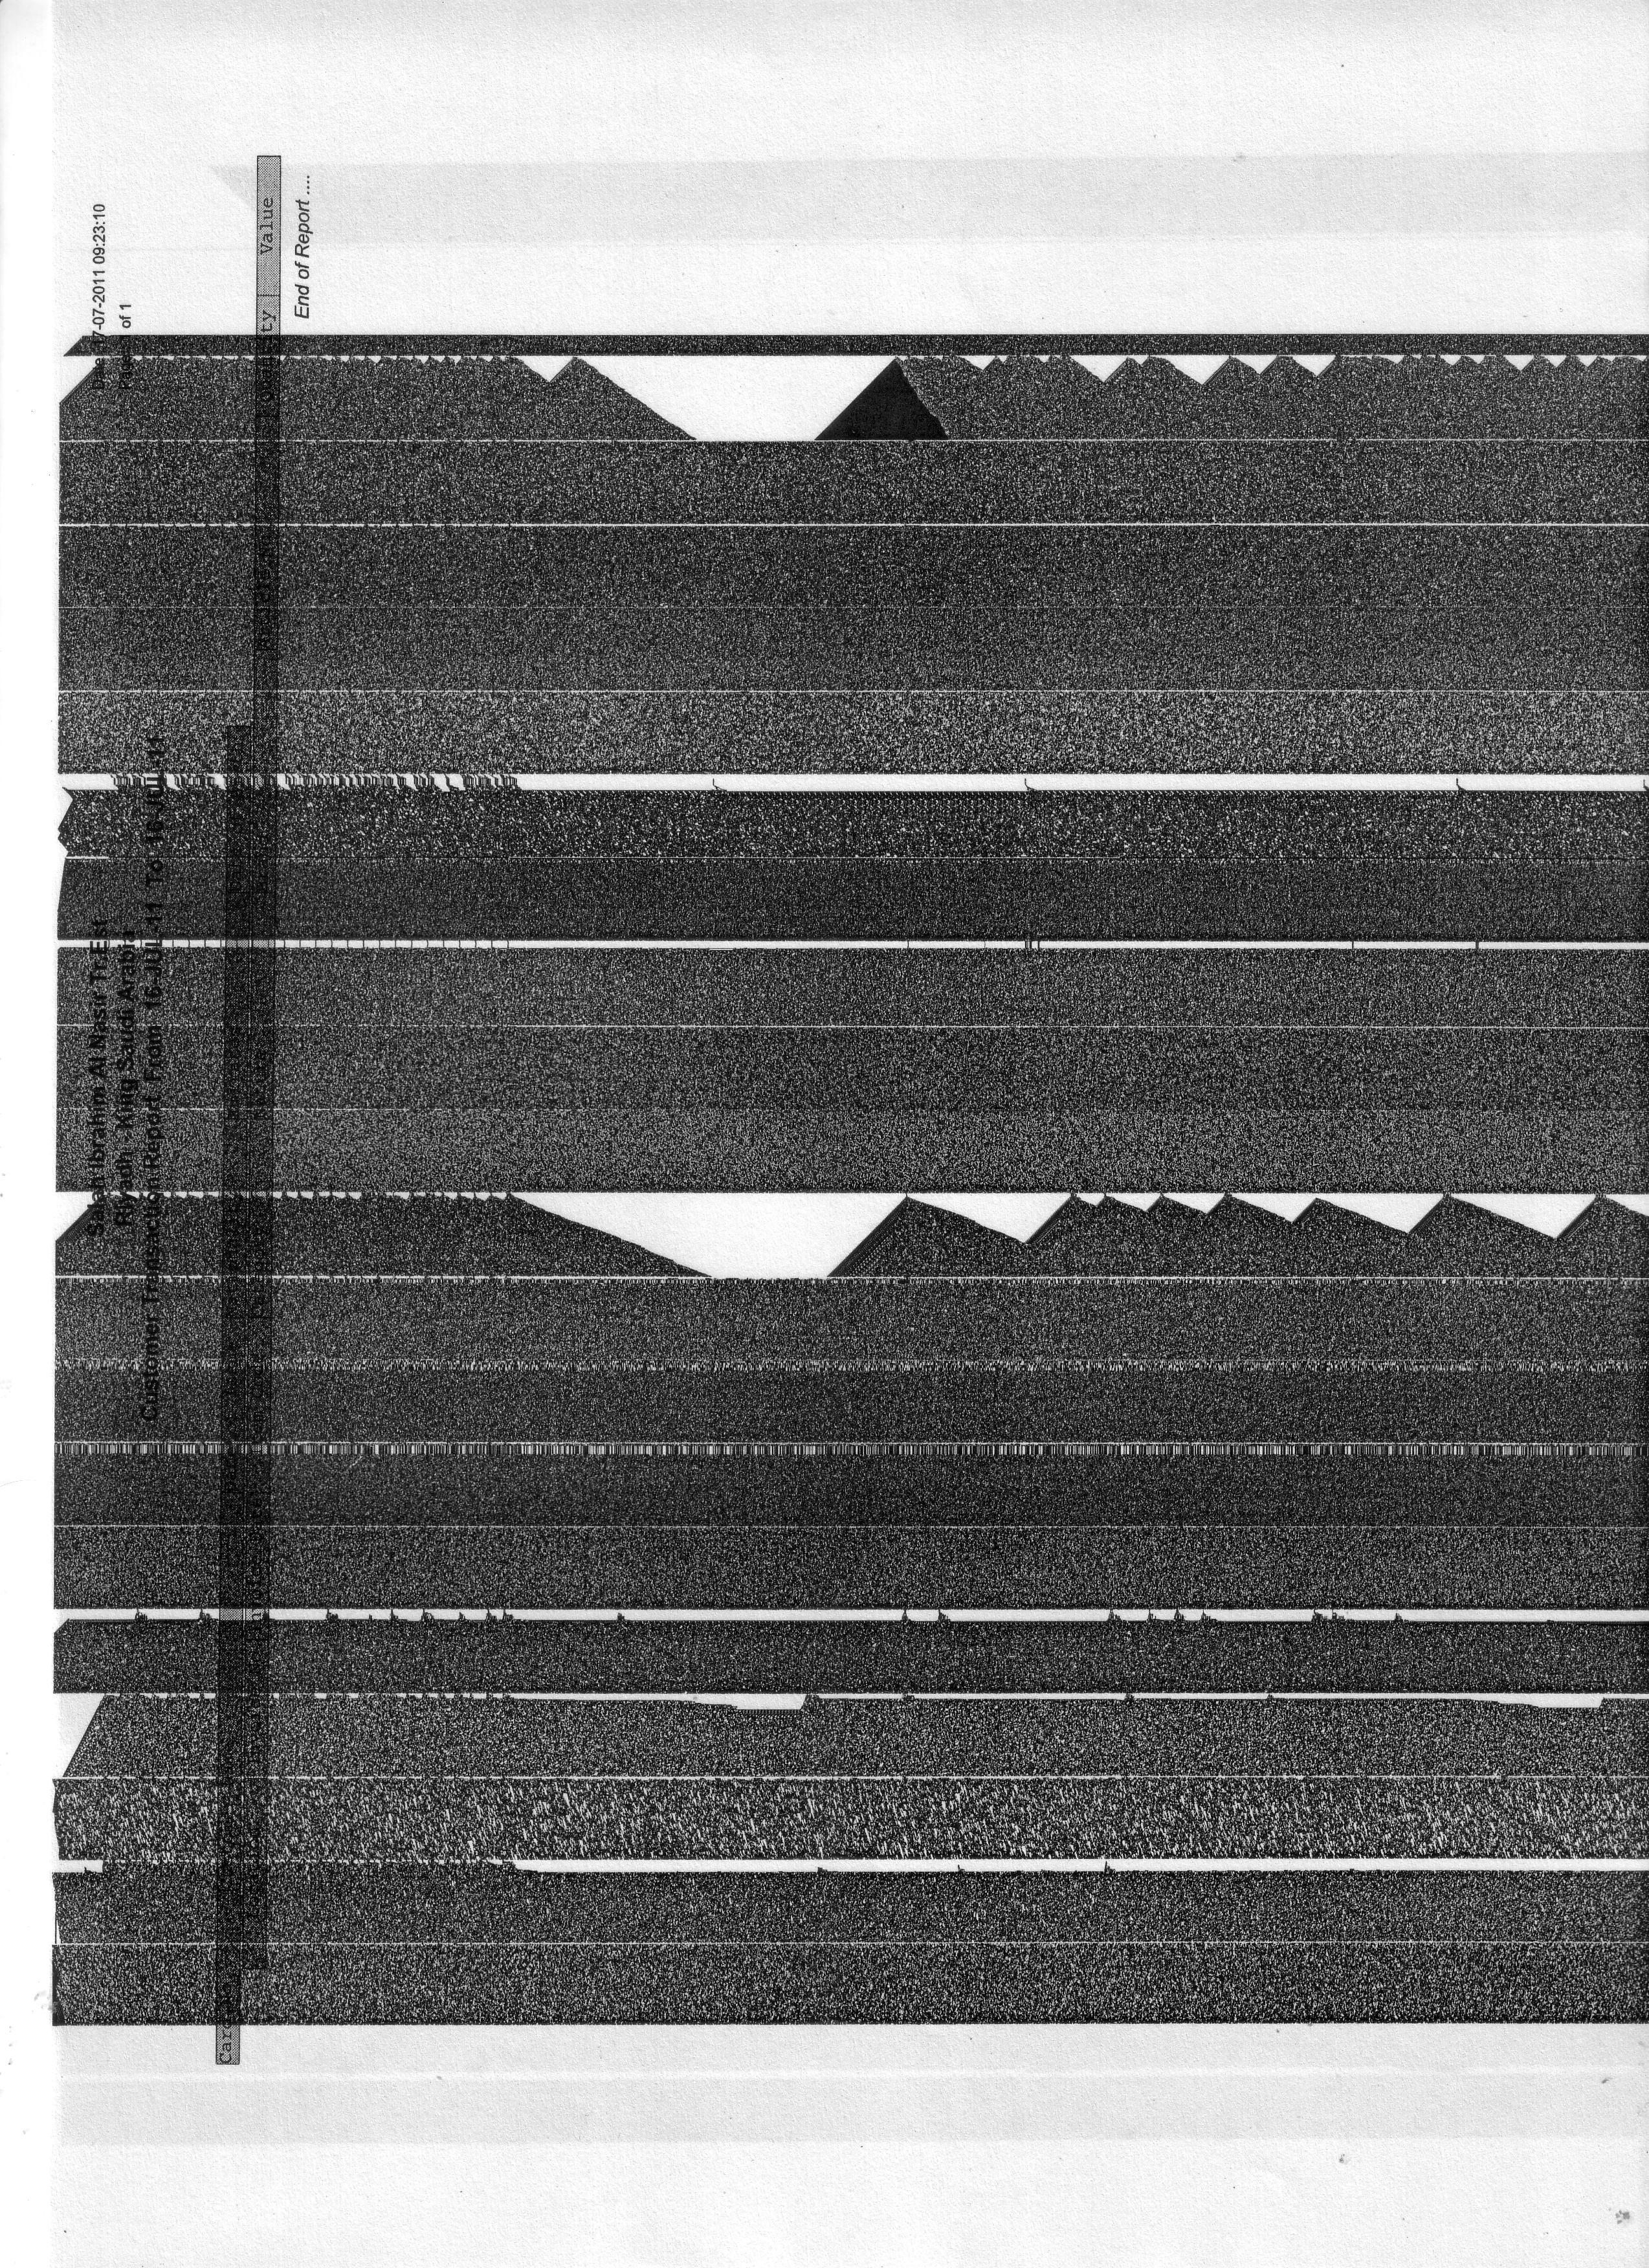 HP Laserjet P2055 Printer - prints horizontal bars on the